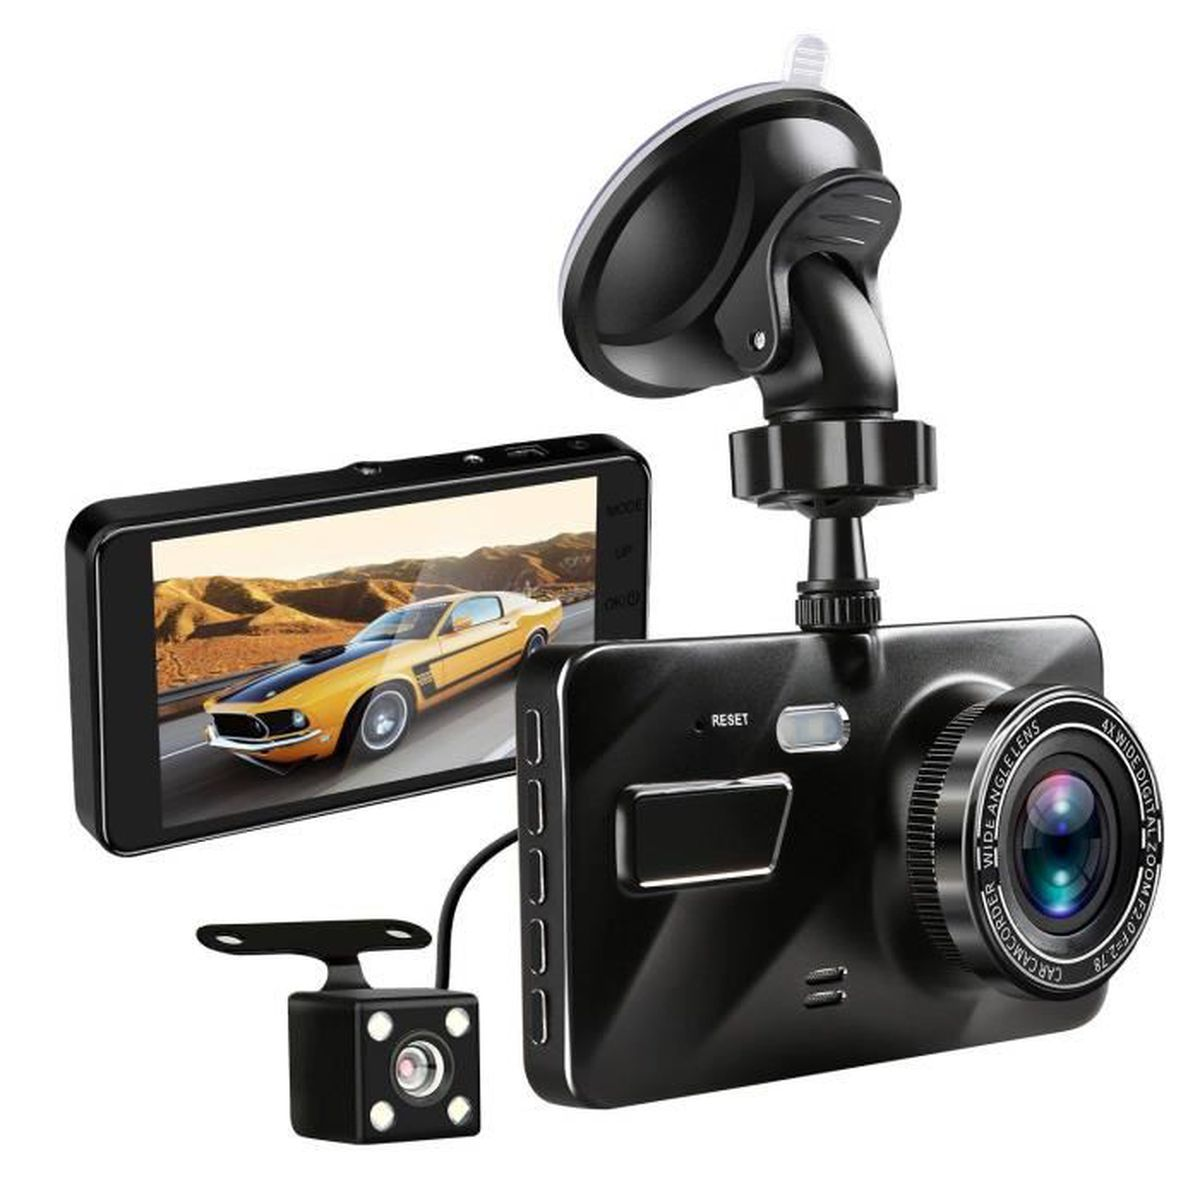 Enregistrement en Boucle d/étection de Mouvement Dashcam Cam/éra de Voiture Full HD 1080P avec Objectif Grand Angle 170/° /Écran LCD 2,45 Pouces Vision Nocturne G Capteur de stationnement